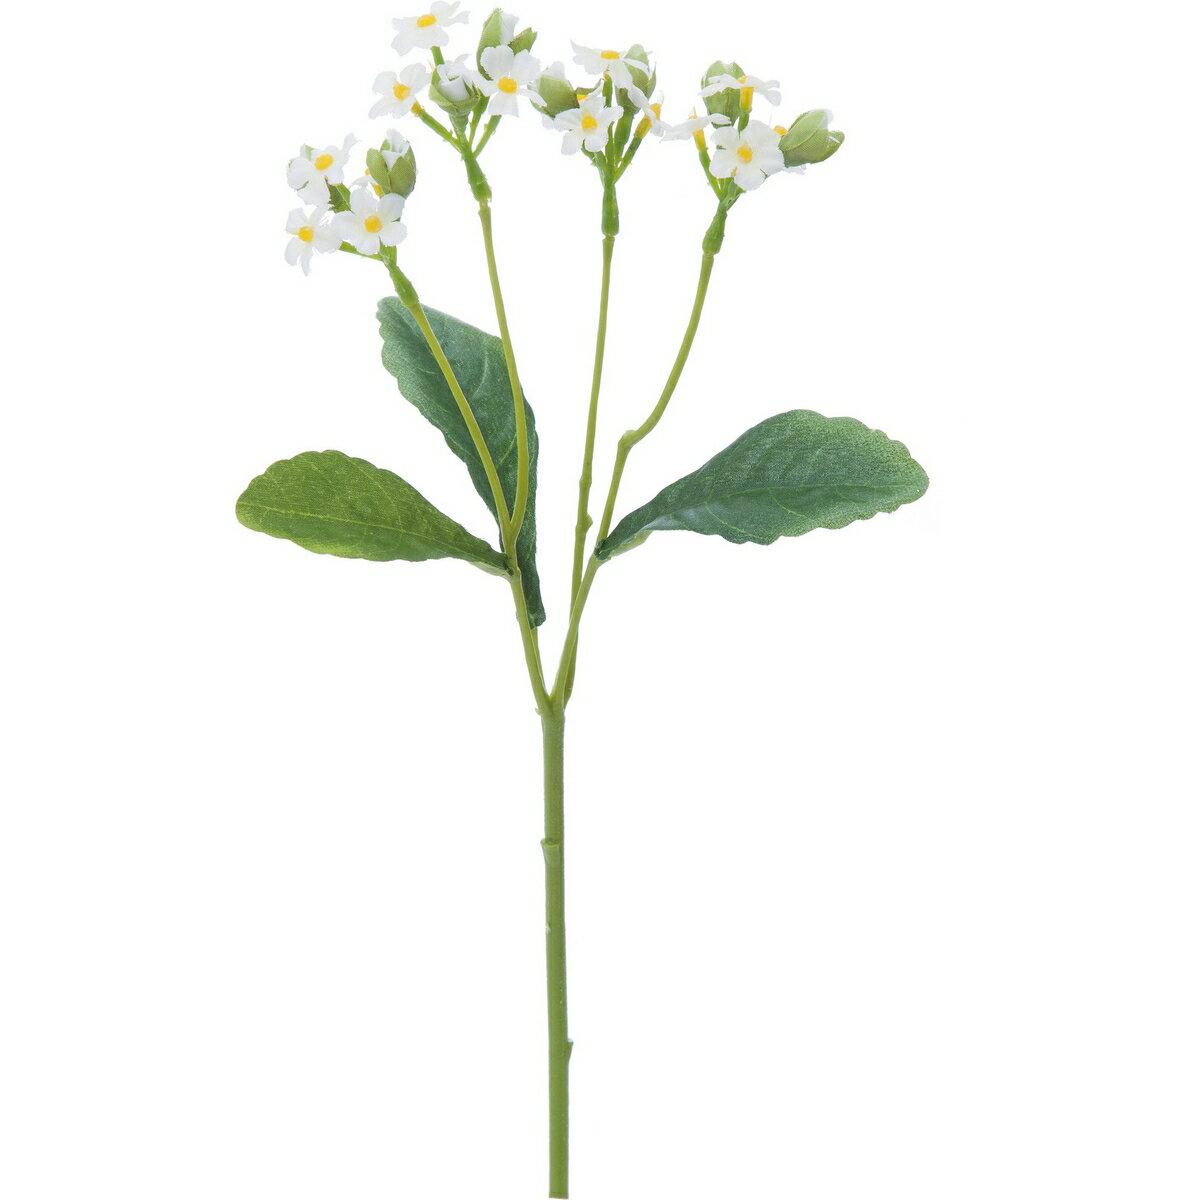 【造花】YDM/ワスレナグサ クリーム/FFH-0015-CR【01】【01】【取寄】《 造花(アーティフィシャルフラワー) 造花 花材「わ行」 忘れな草 》